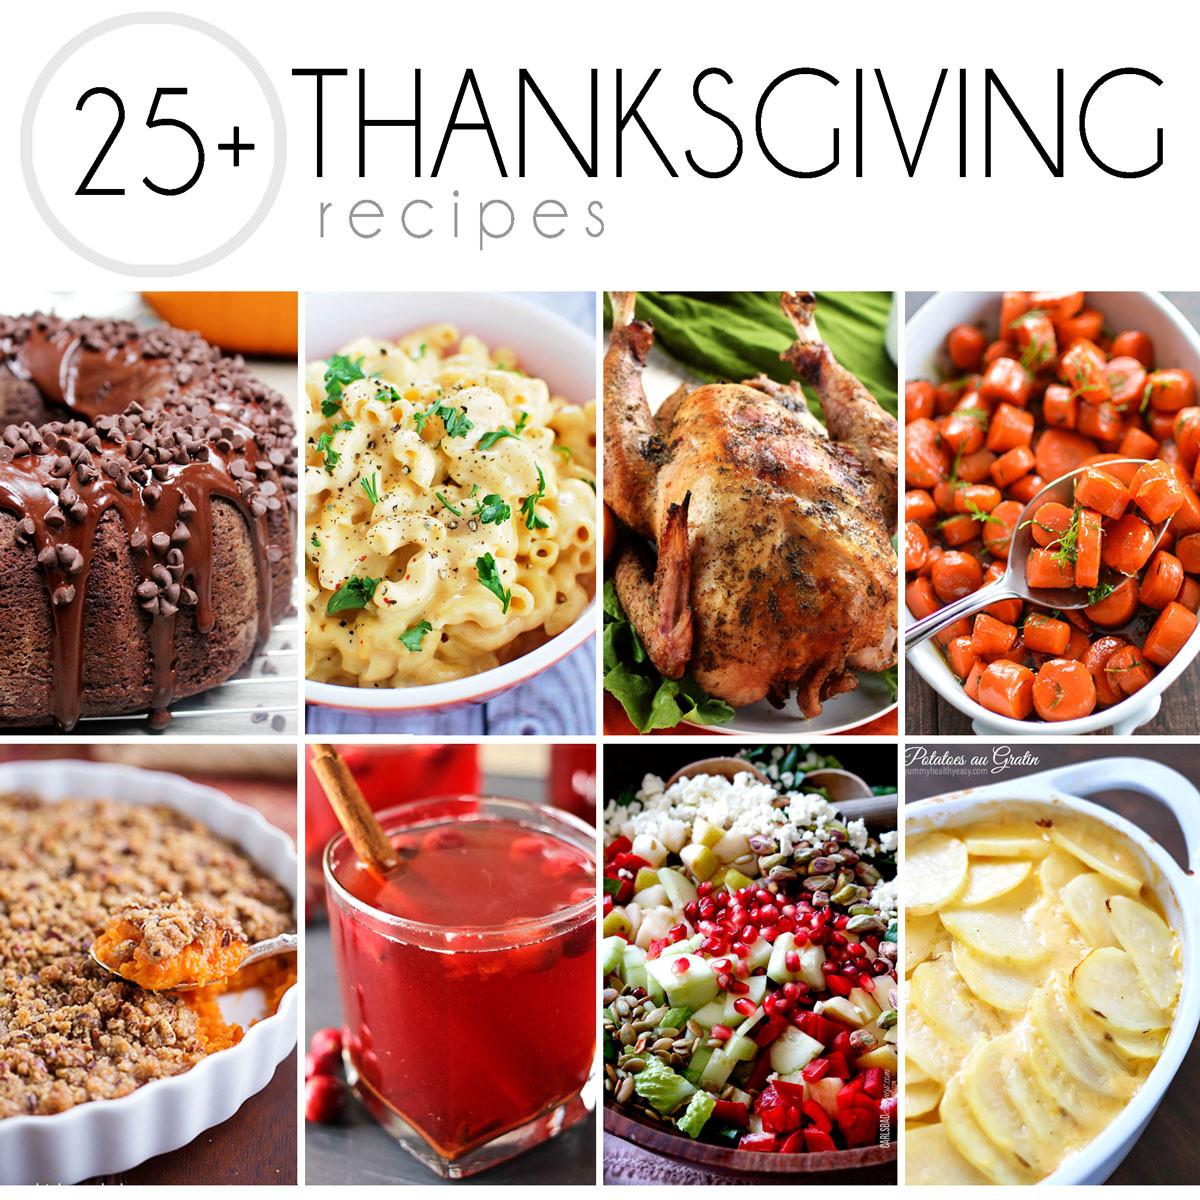 Thanksgiving Dinner Ideas  25 Thanksgiving Recipes